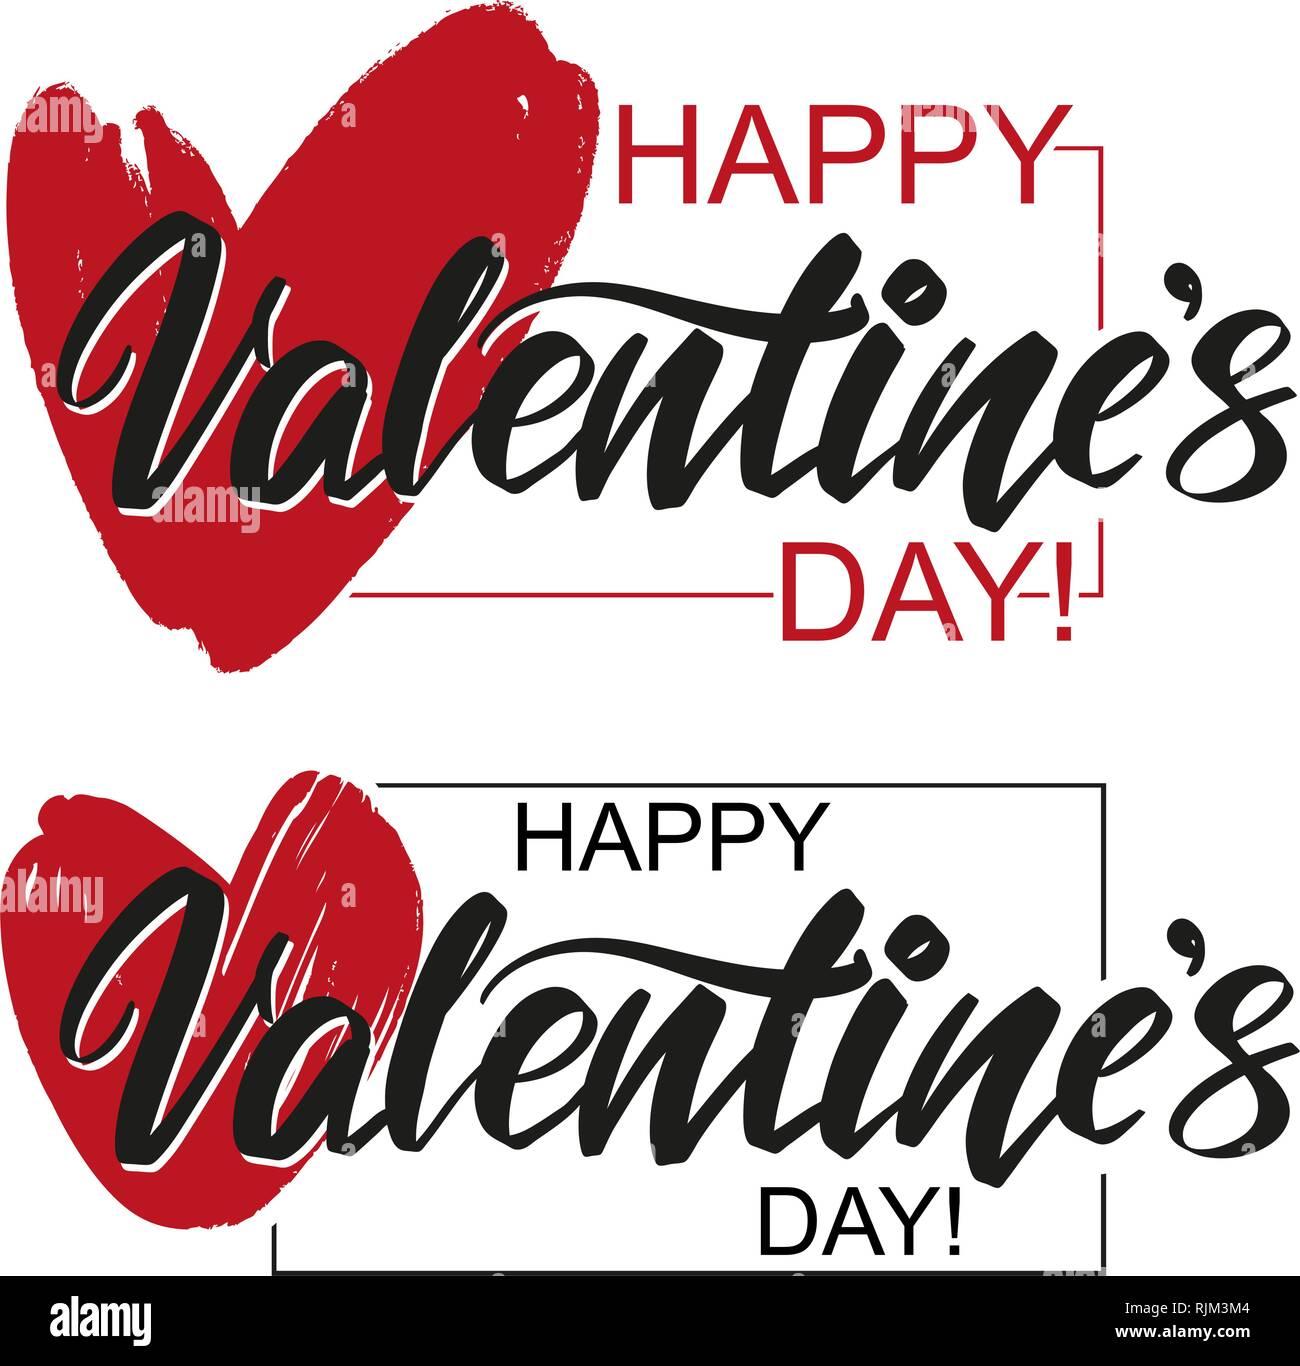 Feliz Día de San Valentín de texto en el fondo del corazón sobre fondo blanco. , El Día de San Valentín, tarjetas de felicitación de vector dibujados a mano ilustración sketch Imagen De Stock